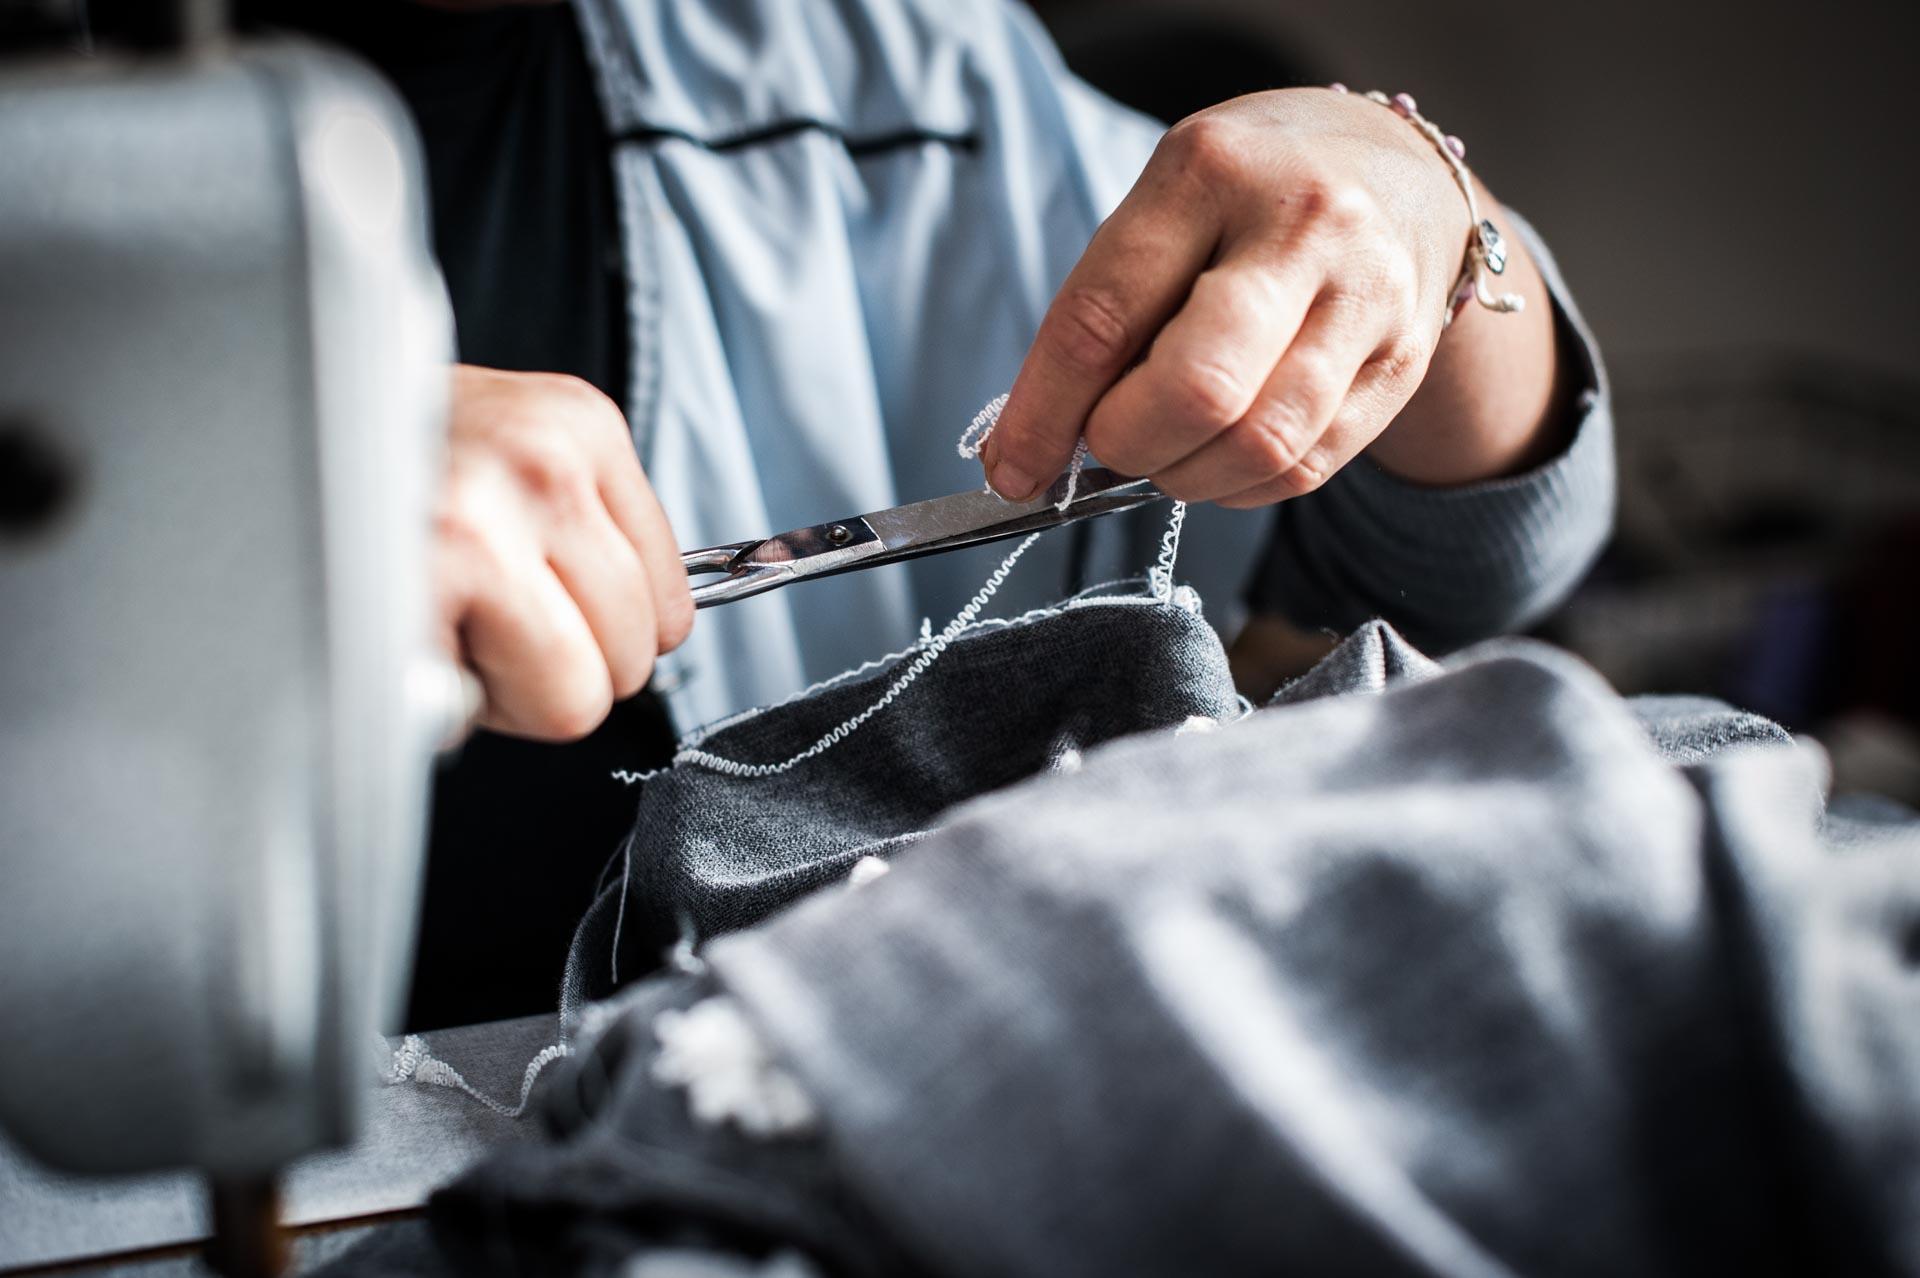 bizar_knitwear_maglificio_026